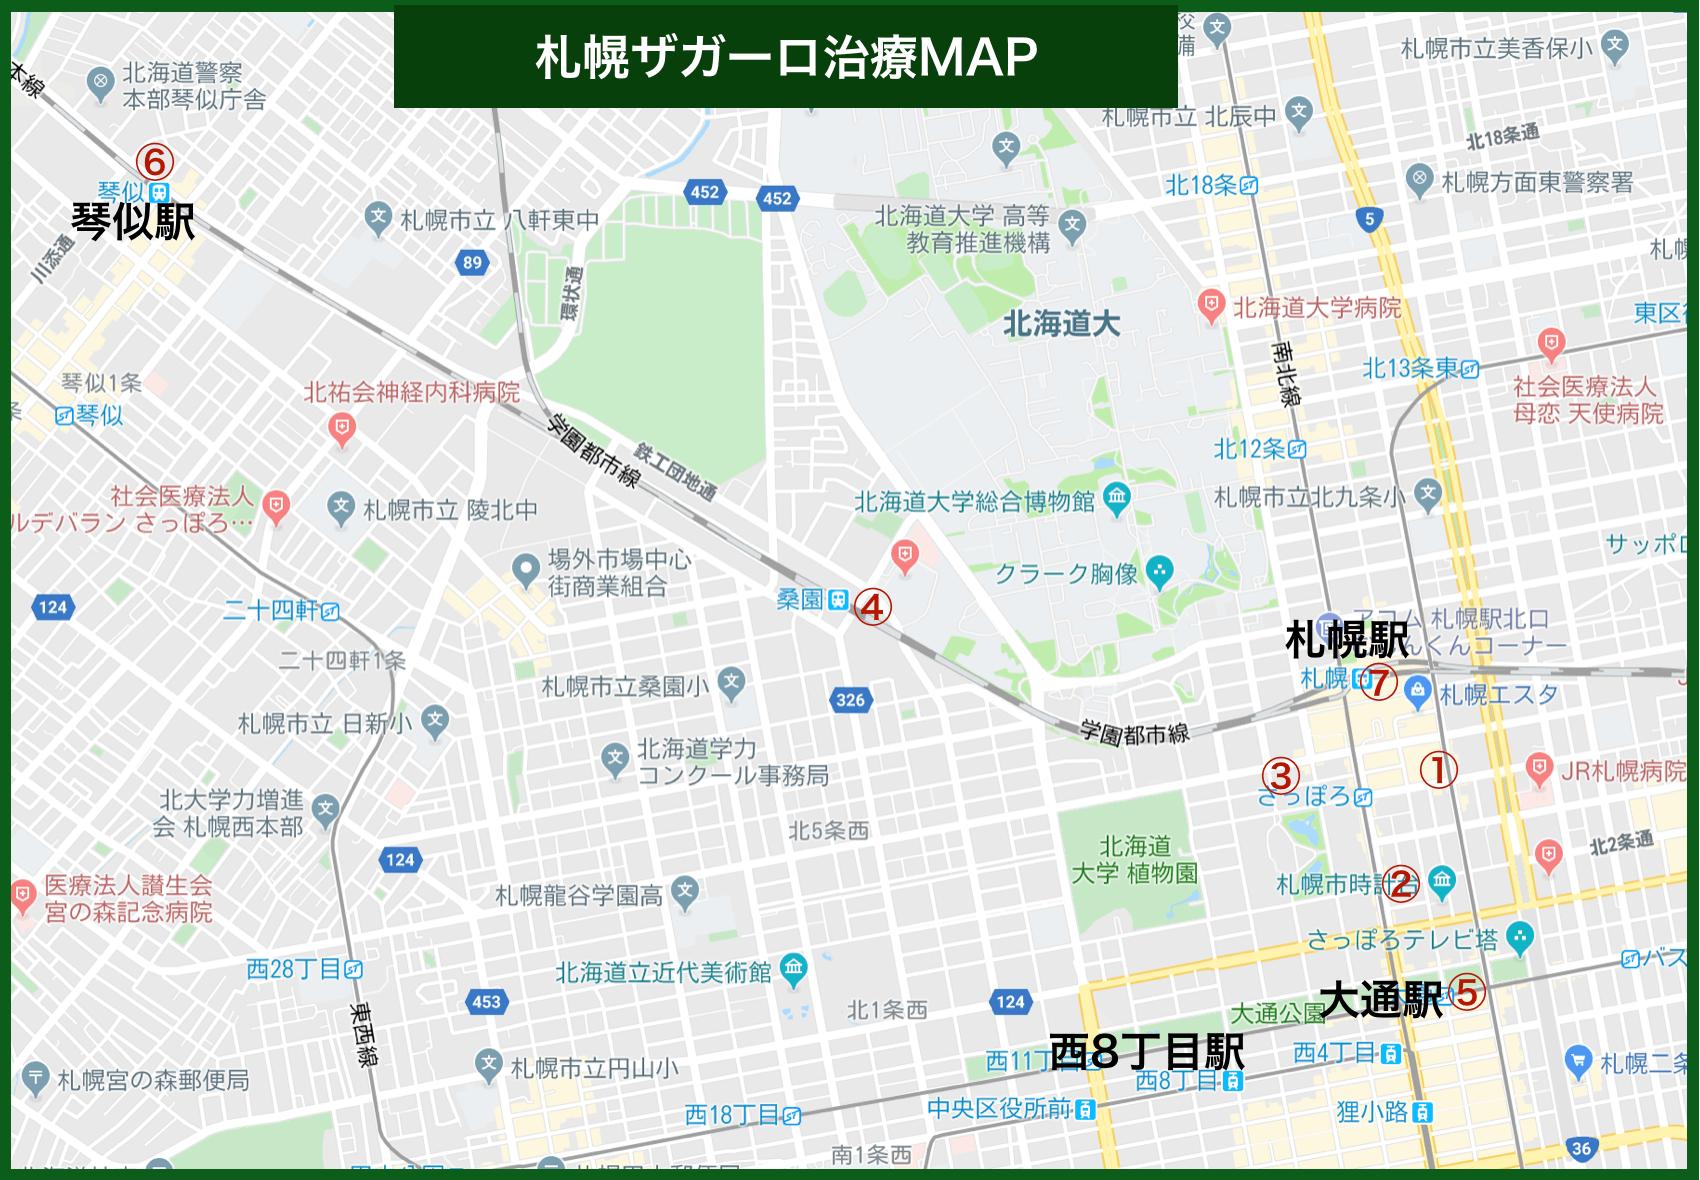 札幌ザガーロ治療MAP(2020年版)